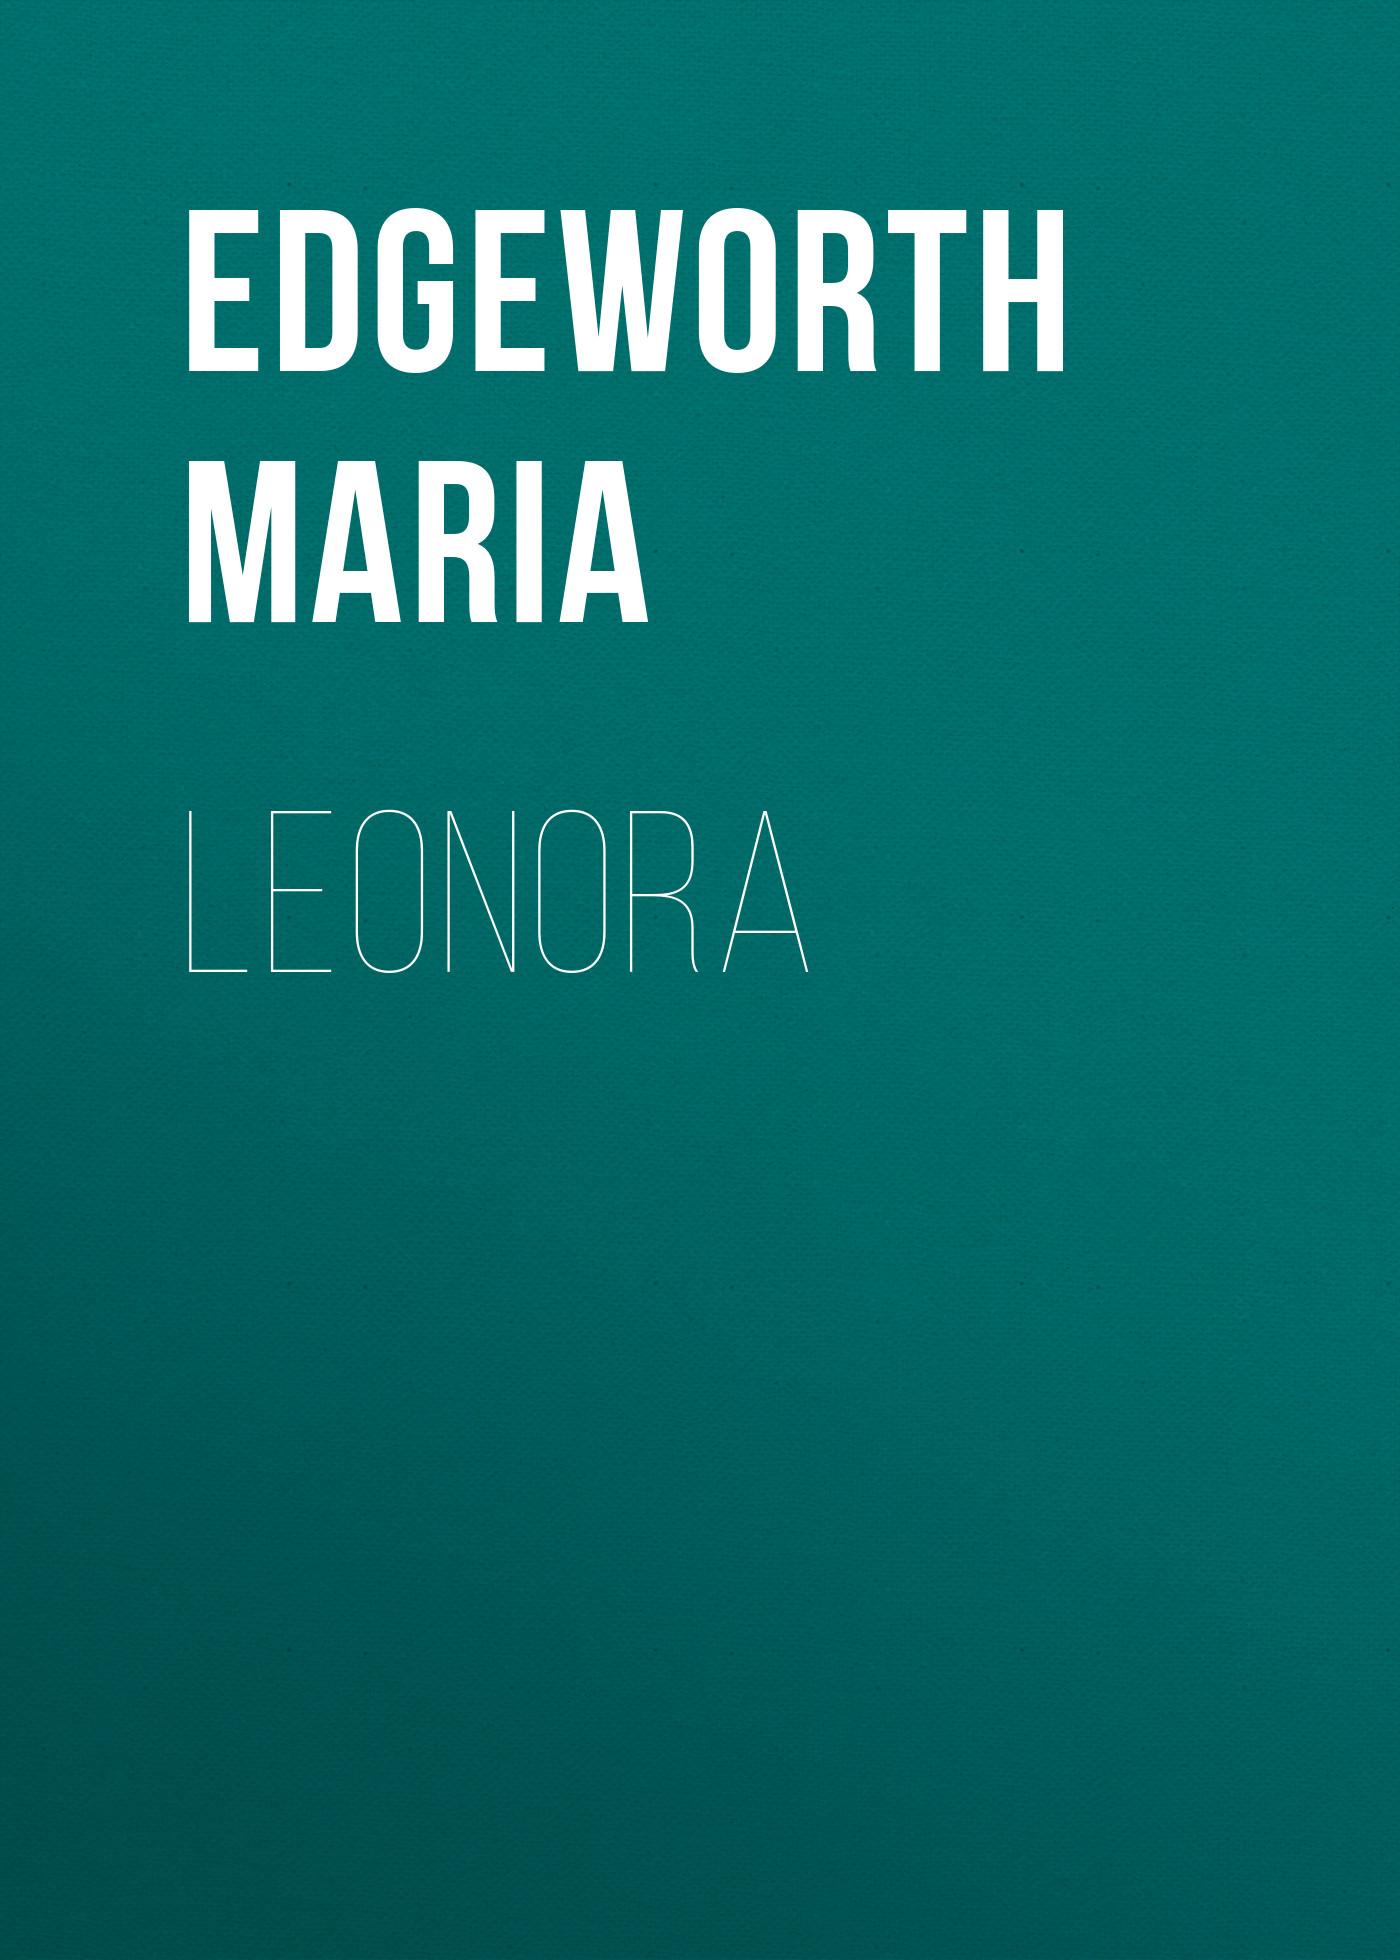 Edgeworth Maria Leonora miles edgeworth 4